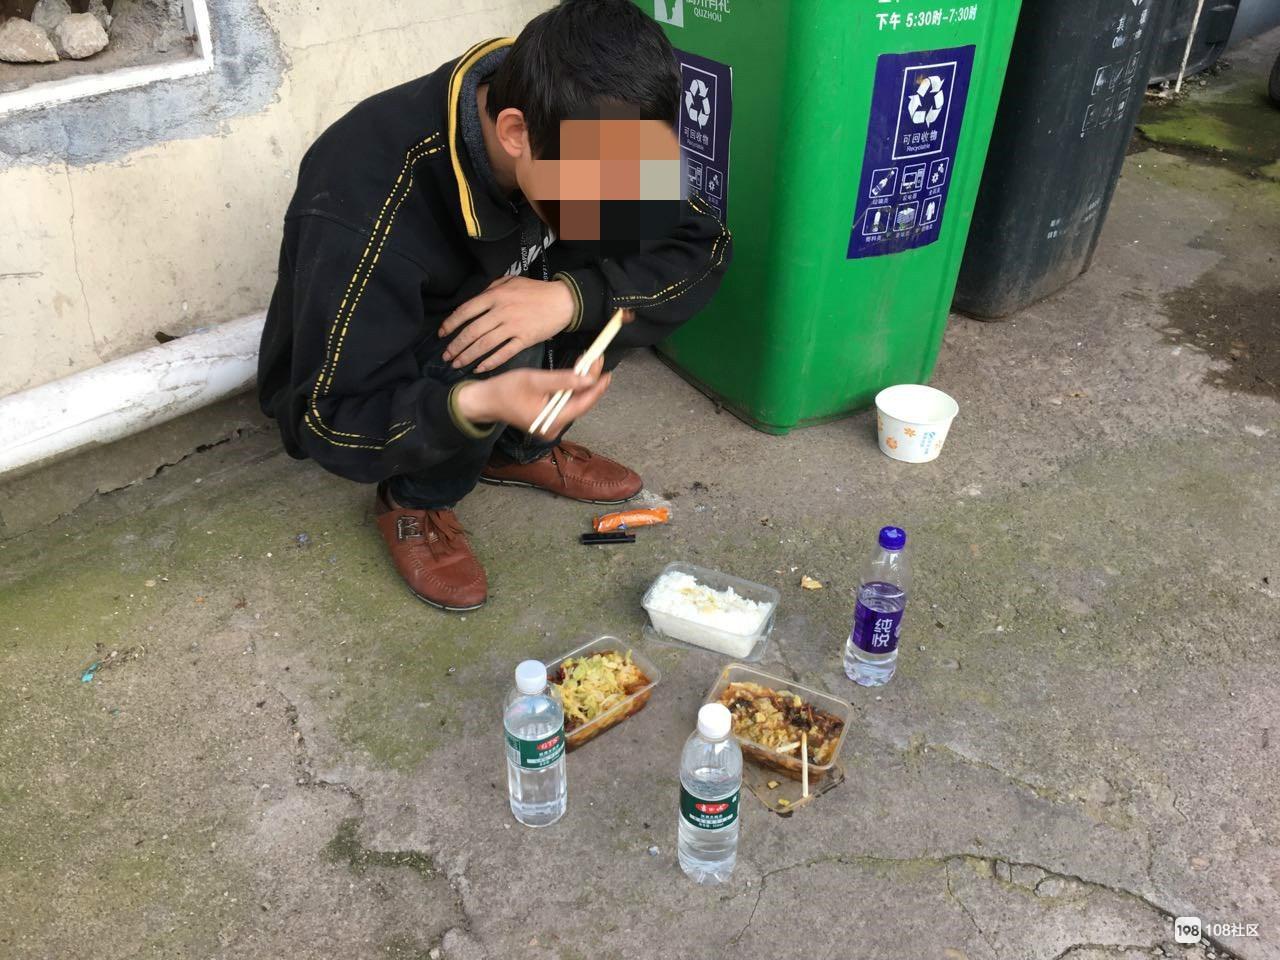 捡垃圾吃的小伙又来了,疑患精神疾病,110会受理吗?